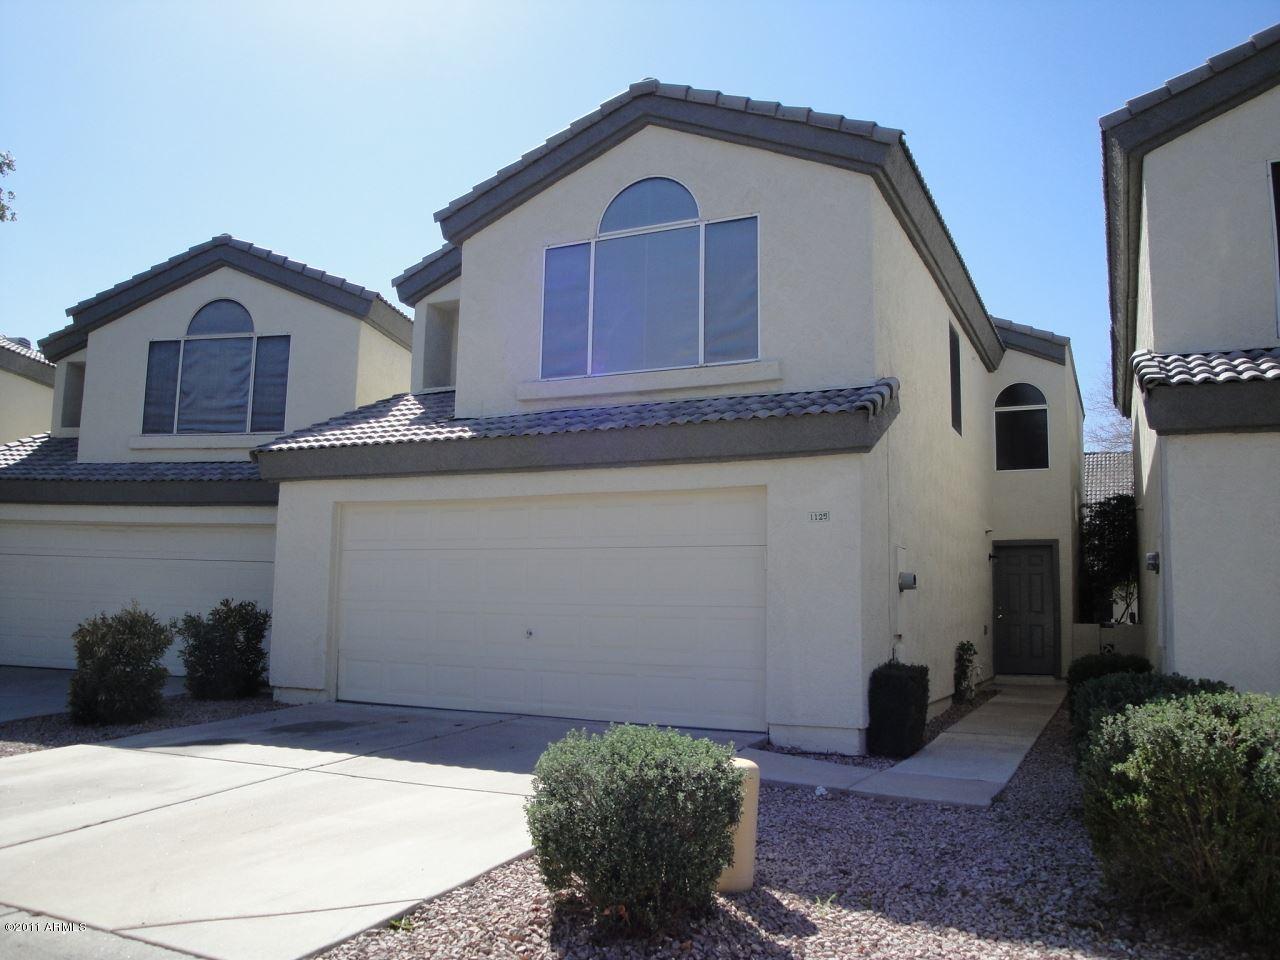 Photo of 1125 W SANDY BANKS --, Gilbert, AZ 85233 (MLS # 6295976)